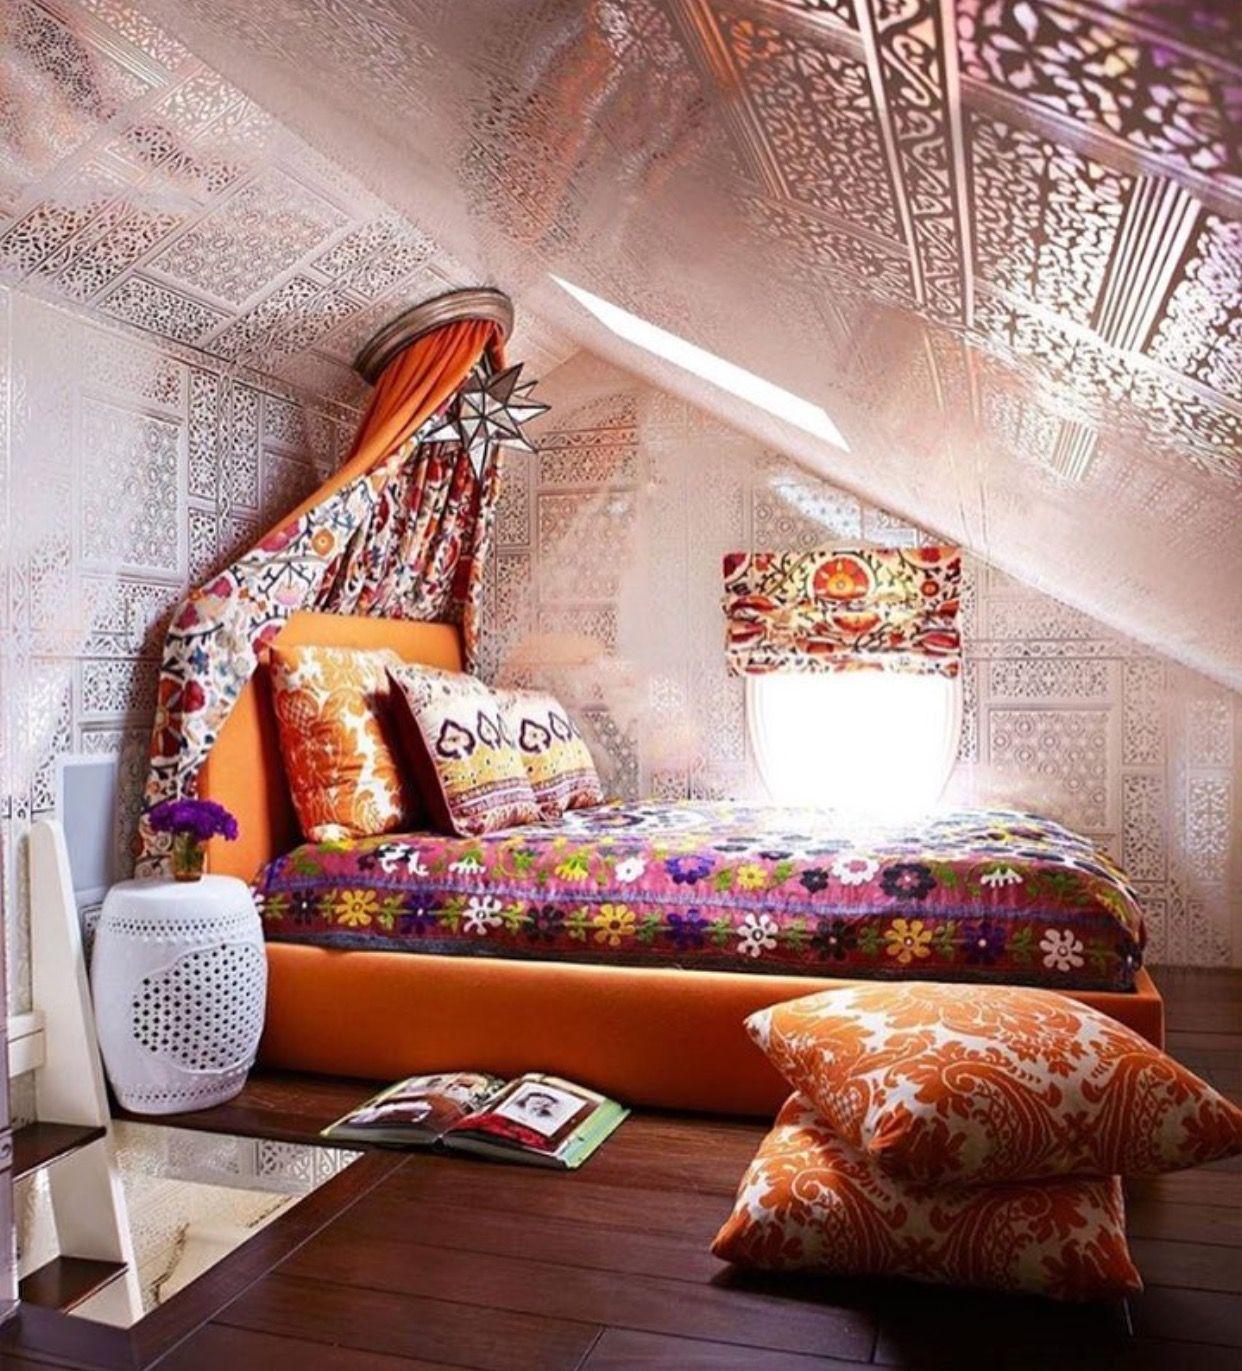 Boho loft bedroom  Pin by Fanny Castañón on Beds u Bedrooms  Pinterest  Bedrooms